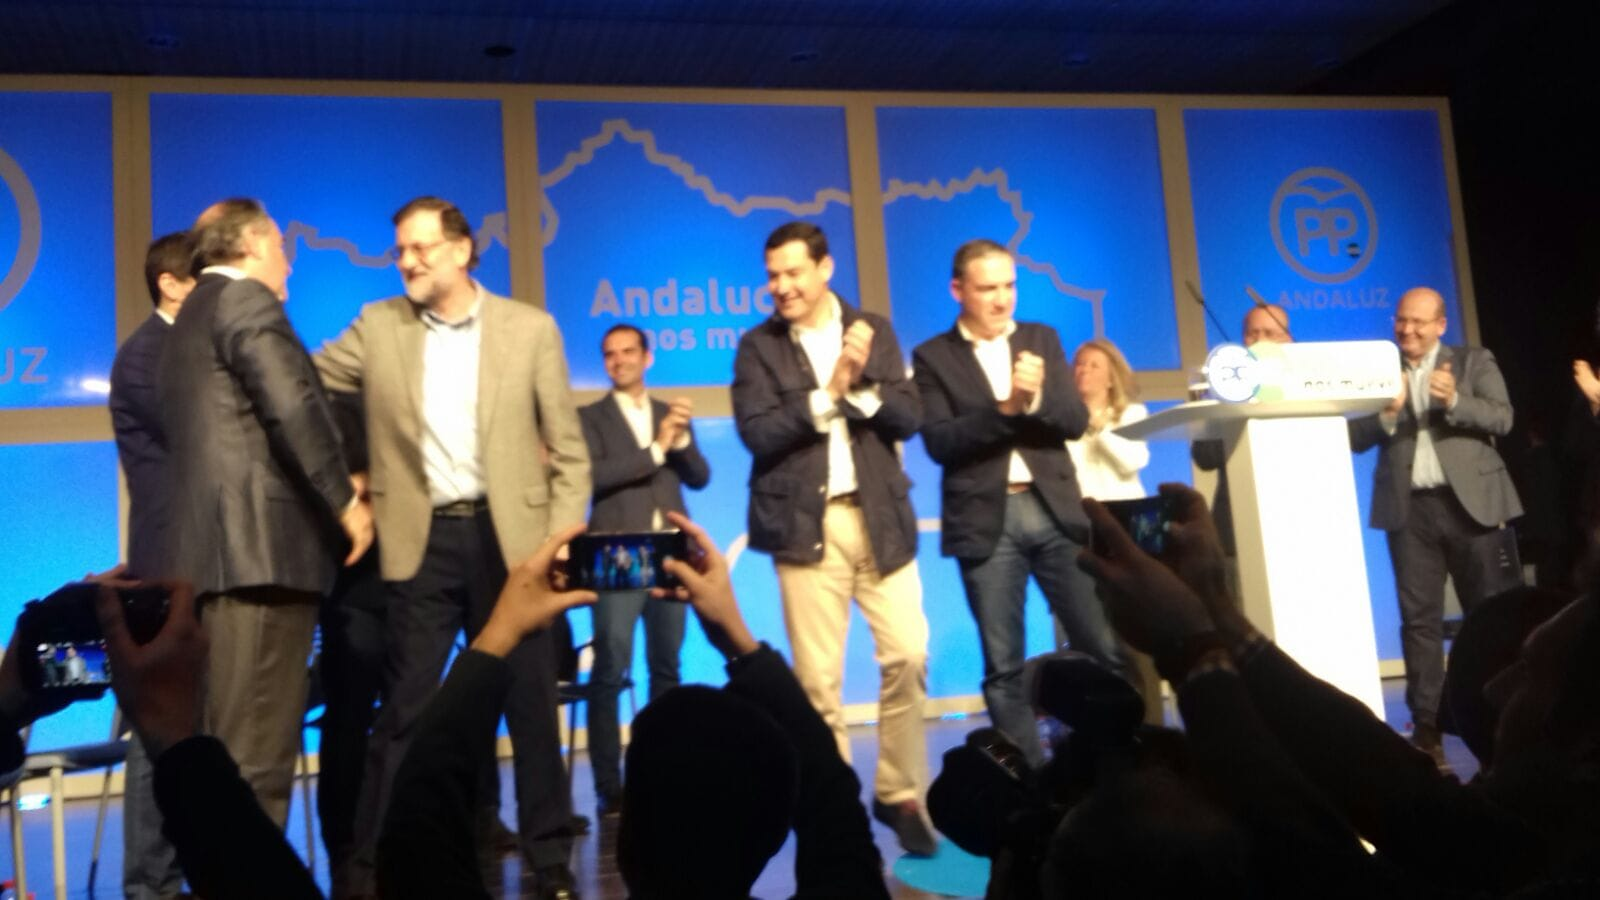 El presidente del Gobierno, MarianoRajoy arropa la candidatura de Ángeles Muñoz a las próximas elecciones municipales de Marbella